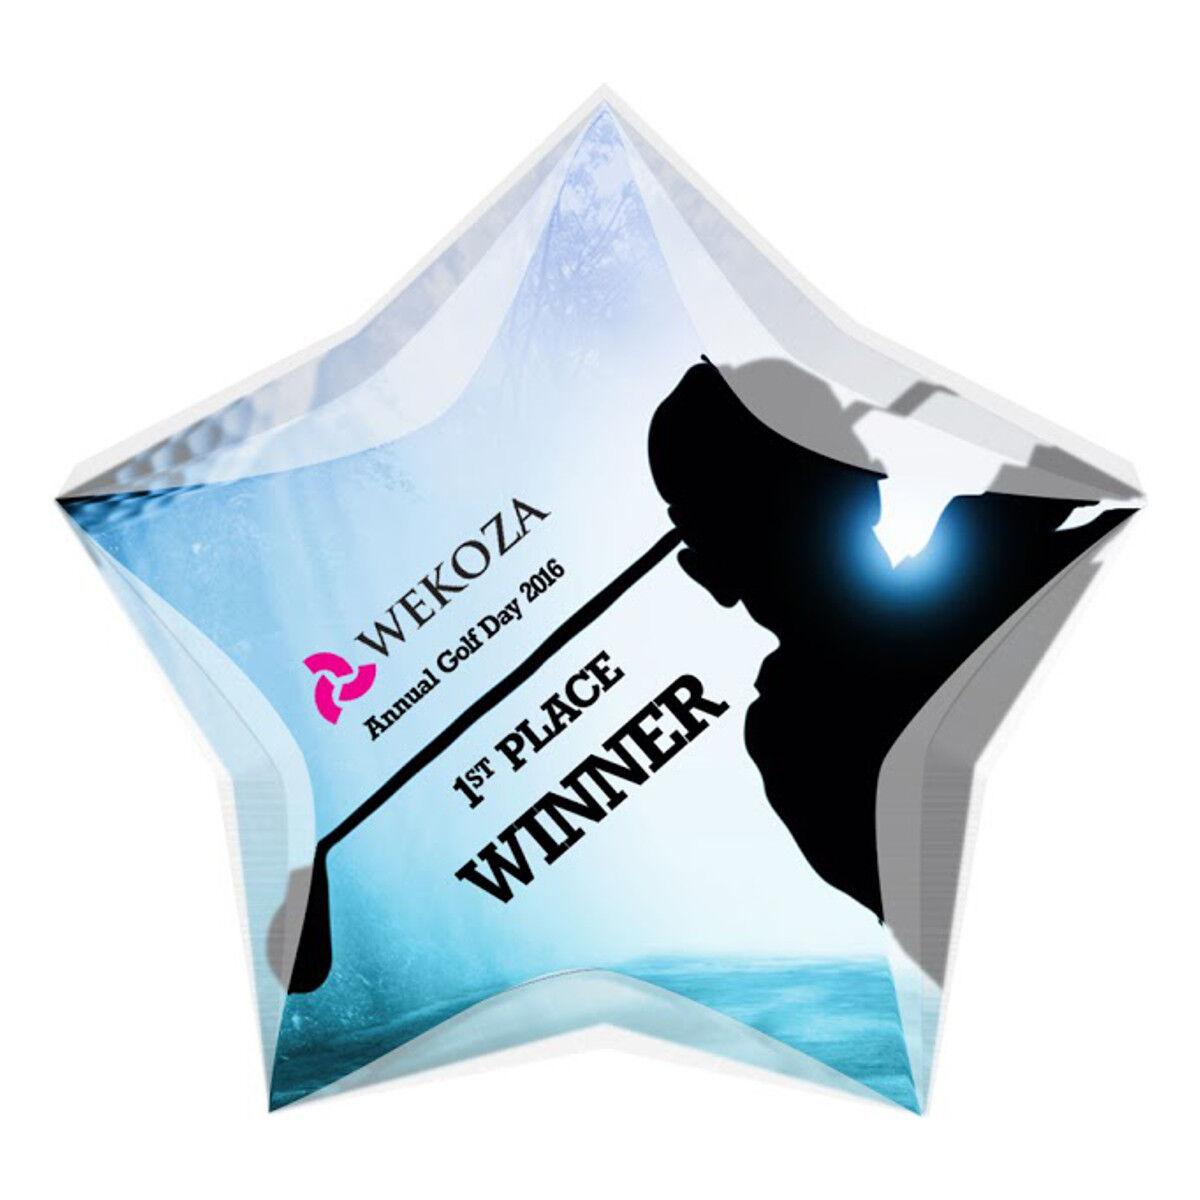 Star Shaped Acrylic Award